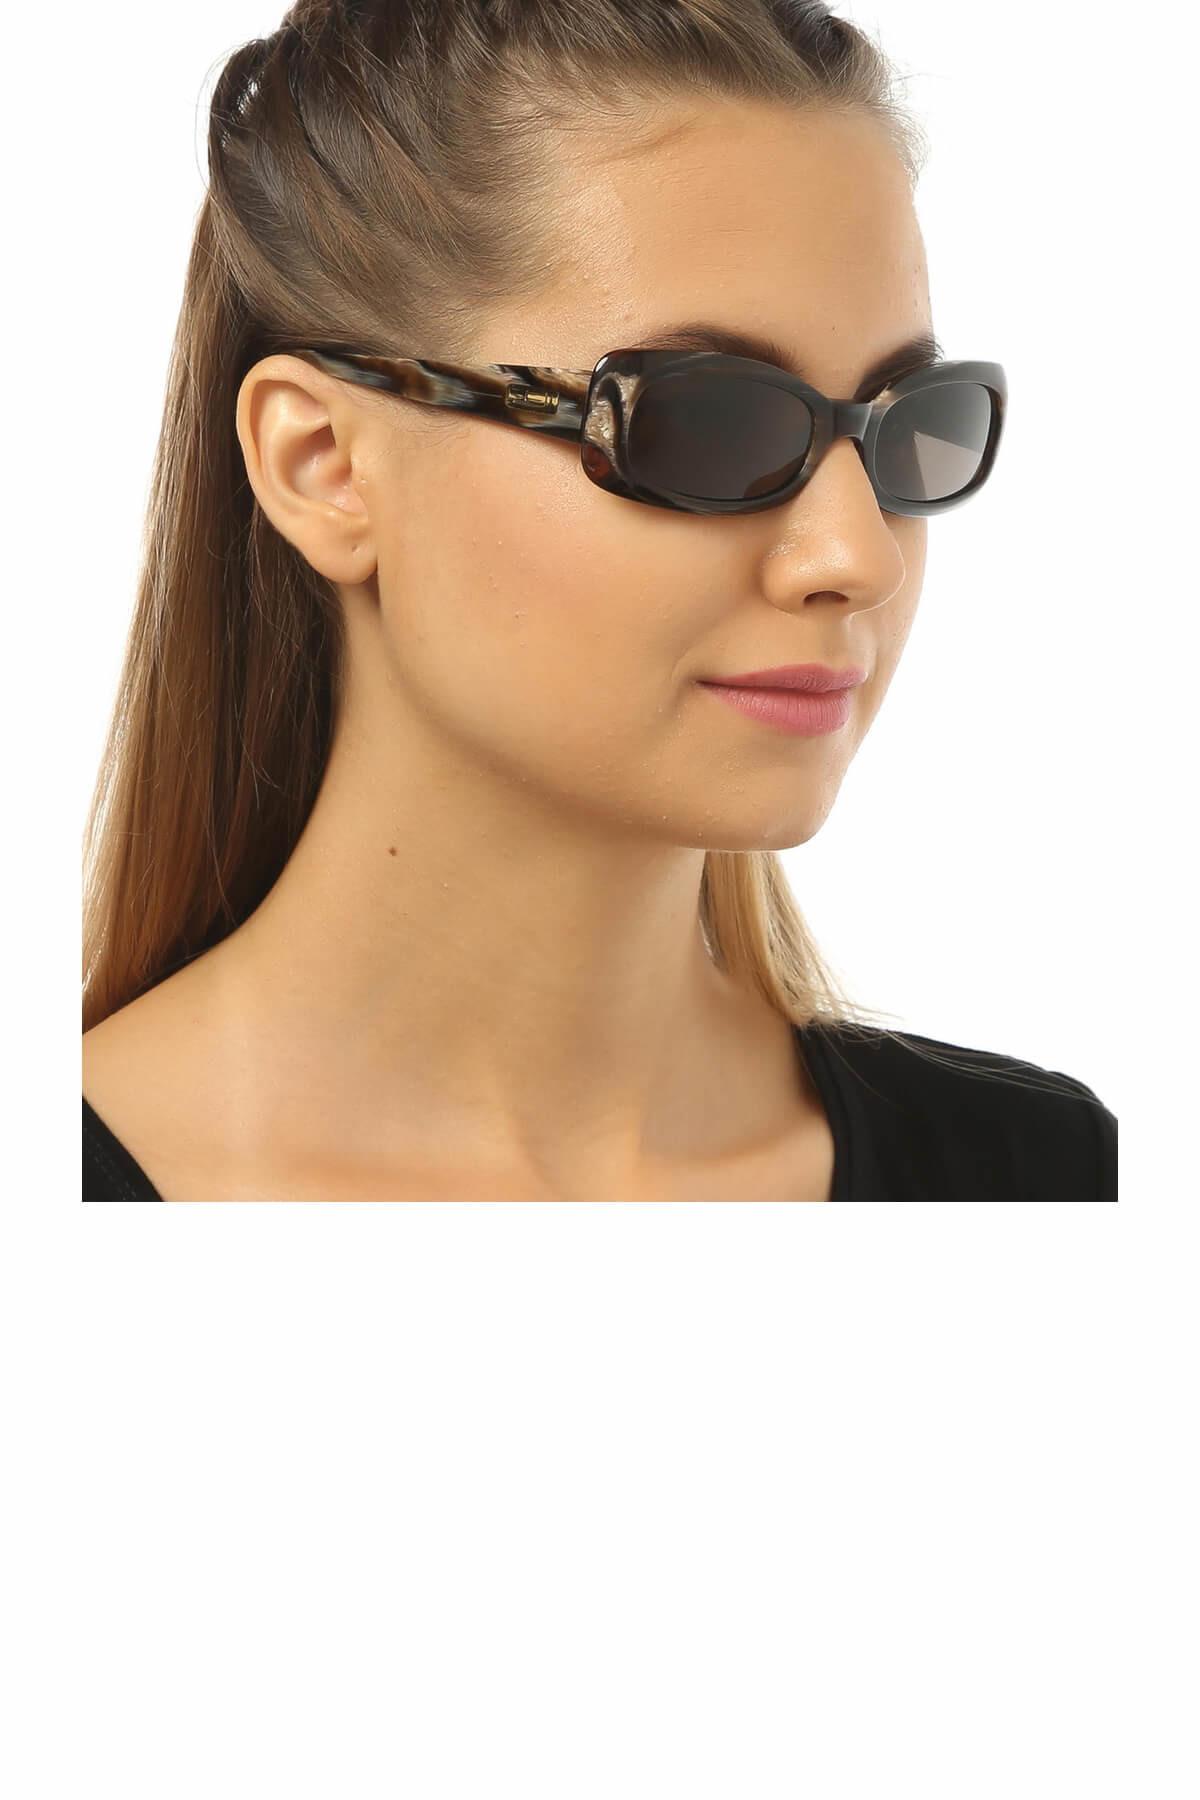 Optoline Kadın Güneş Gözlüğü F-s 247 323 1